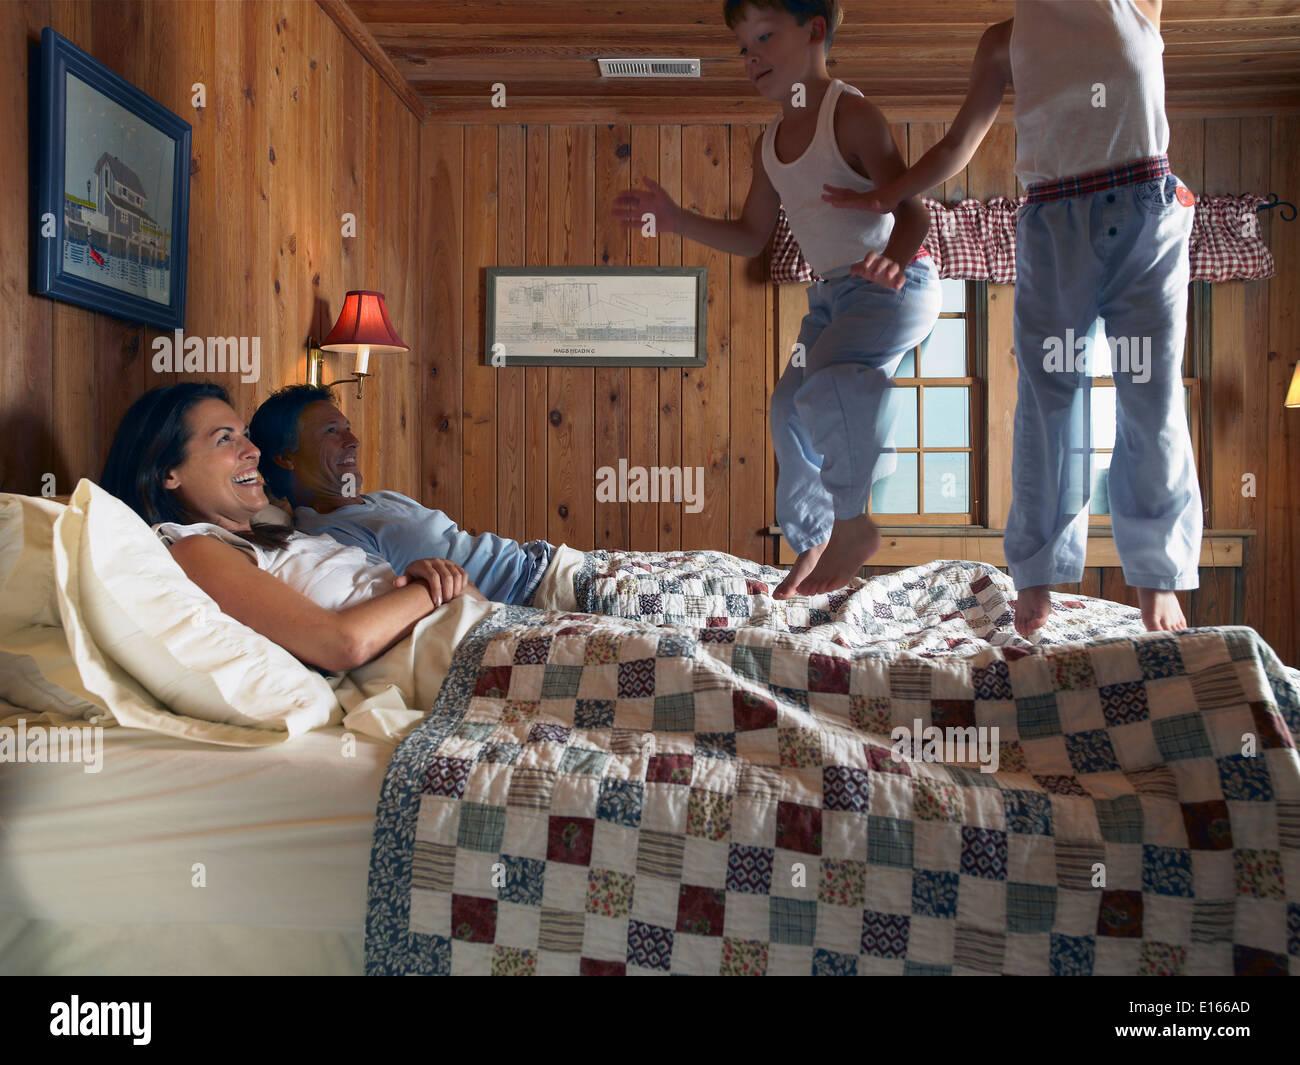 Los muchachos saltar en la cama de los padres. Foto de stock